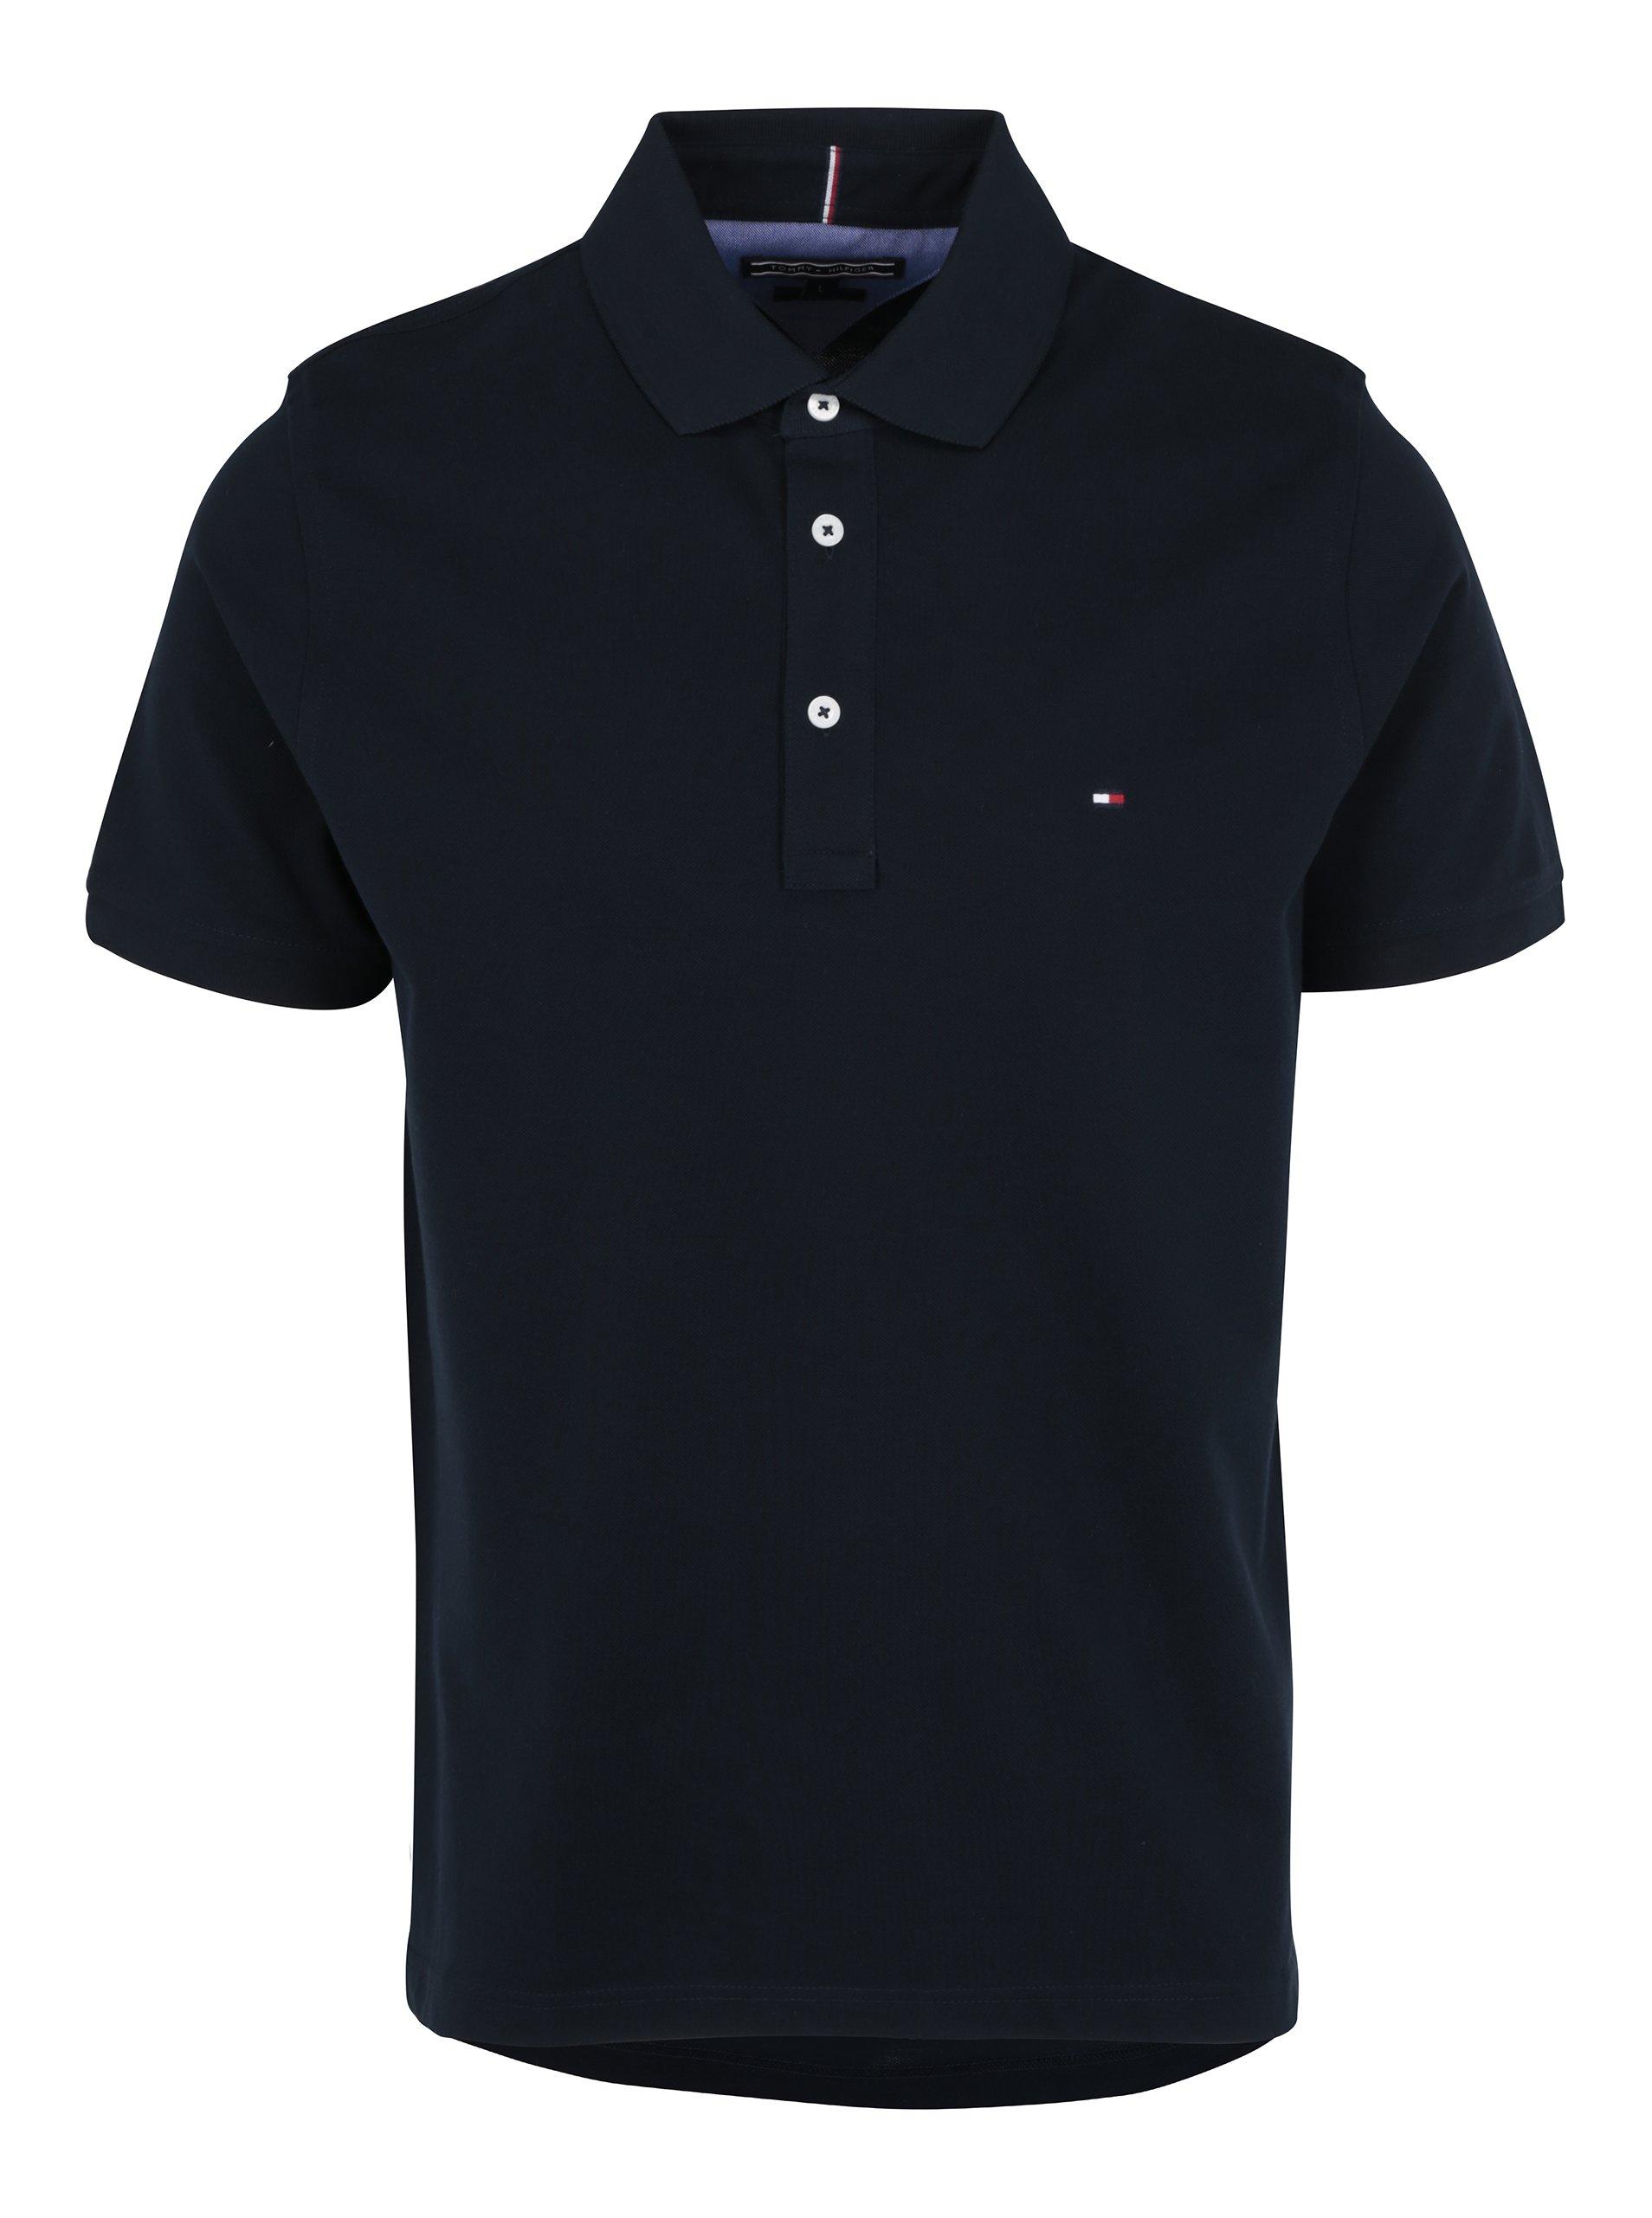 Tmavě modré pánské polo triko Tommy Hilfiger Luxury